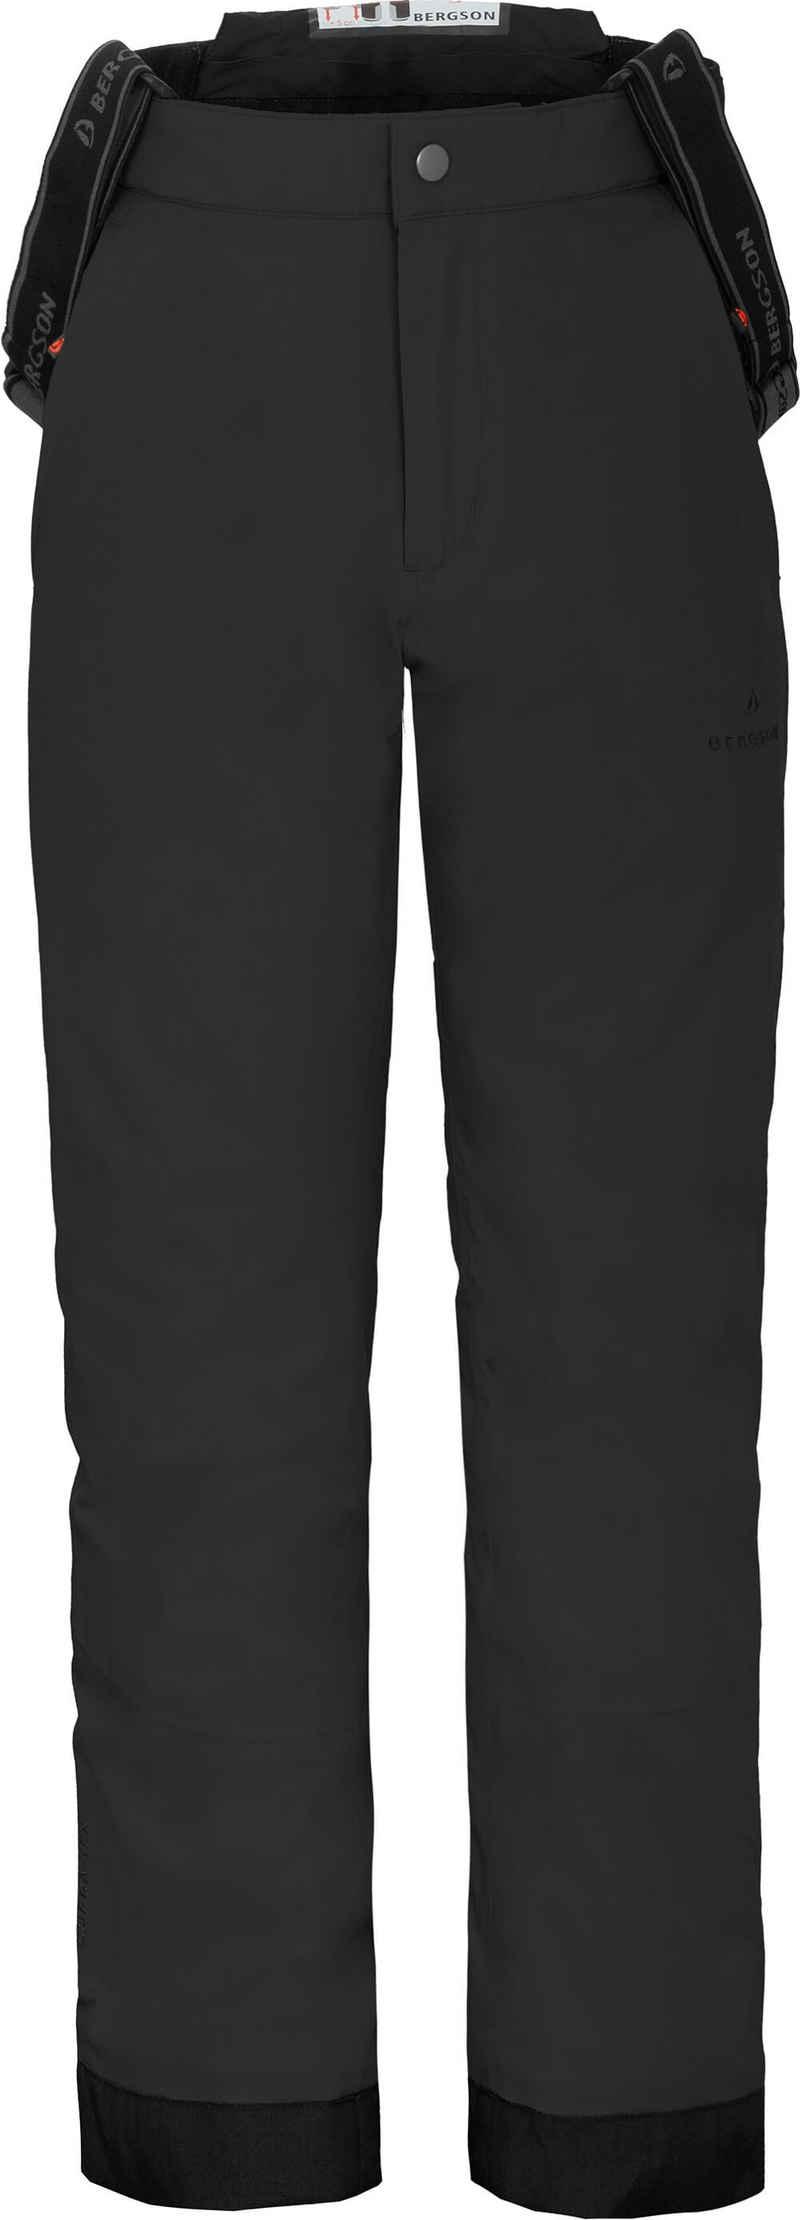 Bergson Skihose »PELLY« Kinder Skihose, wattiert, 20000 mm Wassersäule, Normalgrößen, schwarz